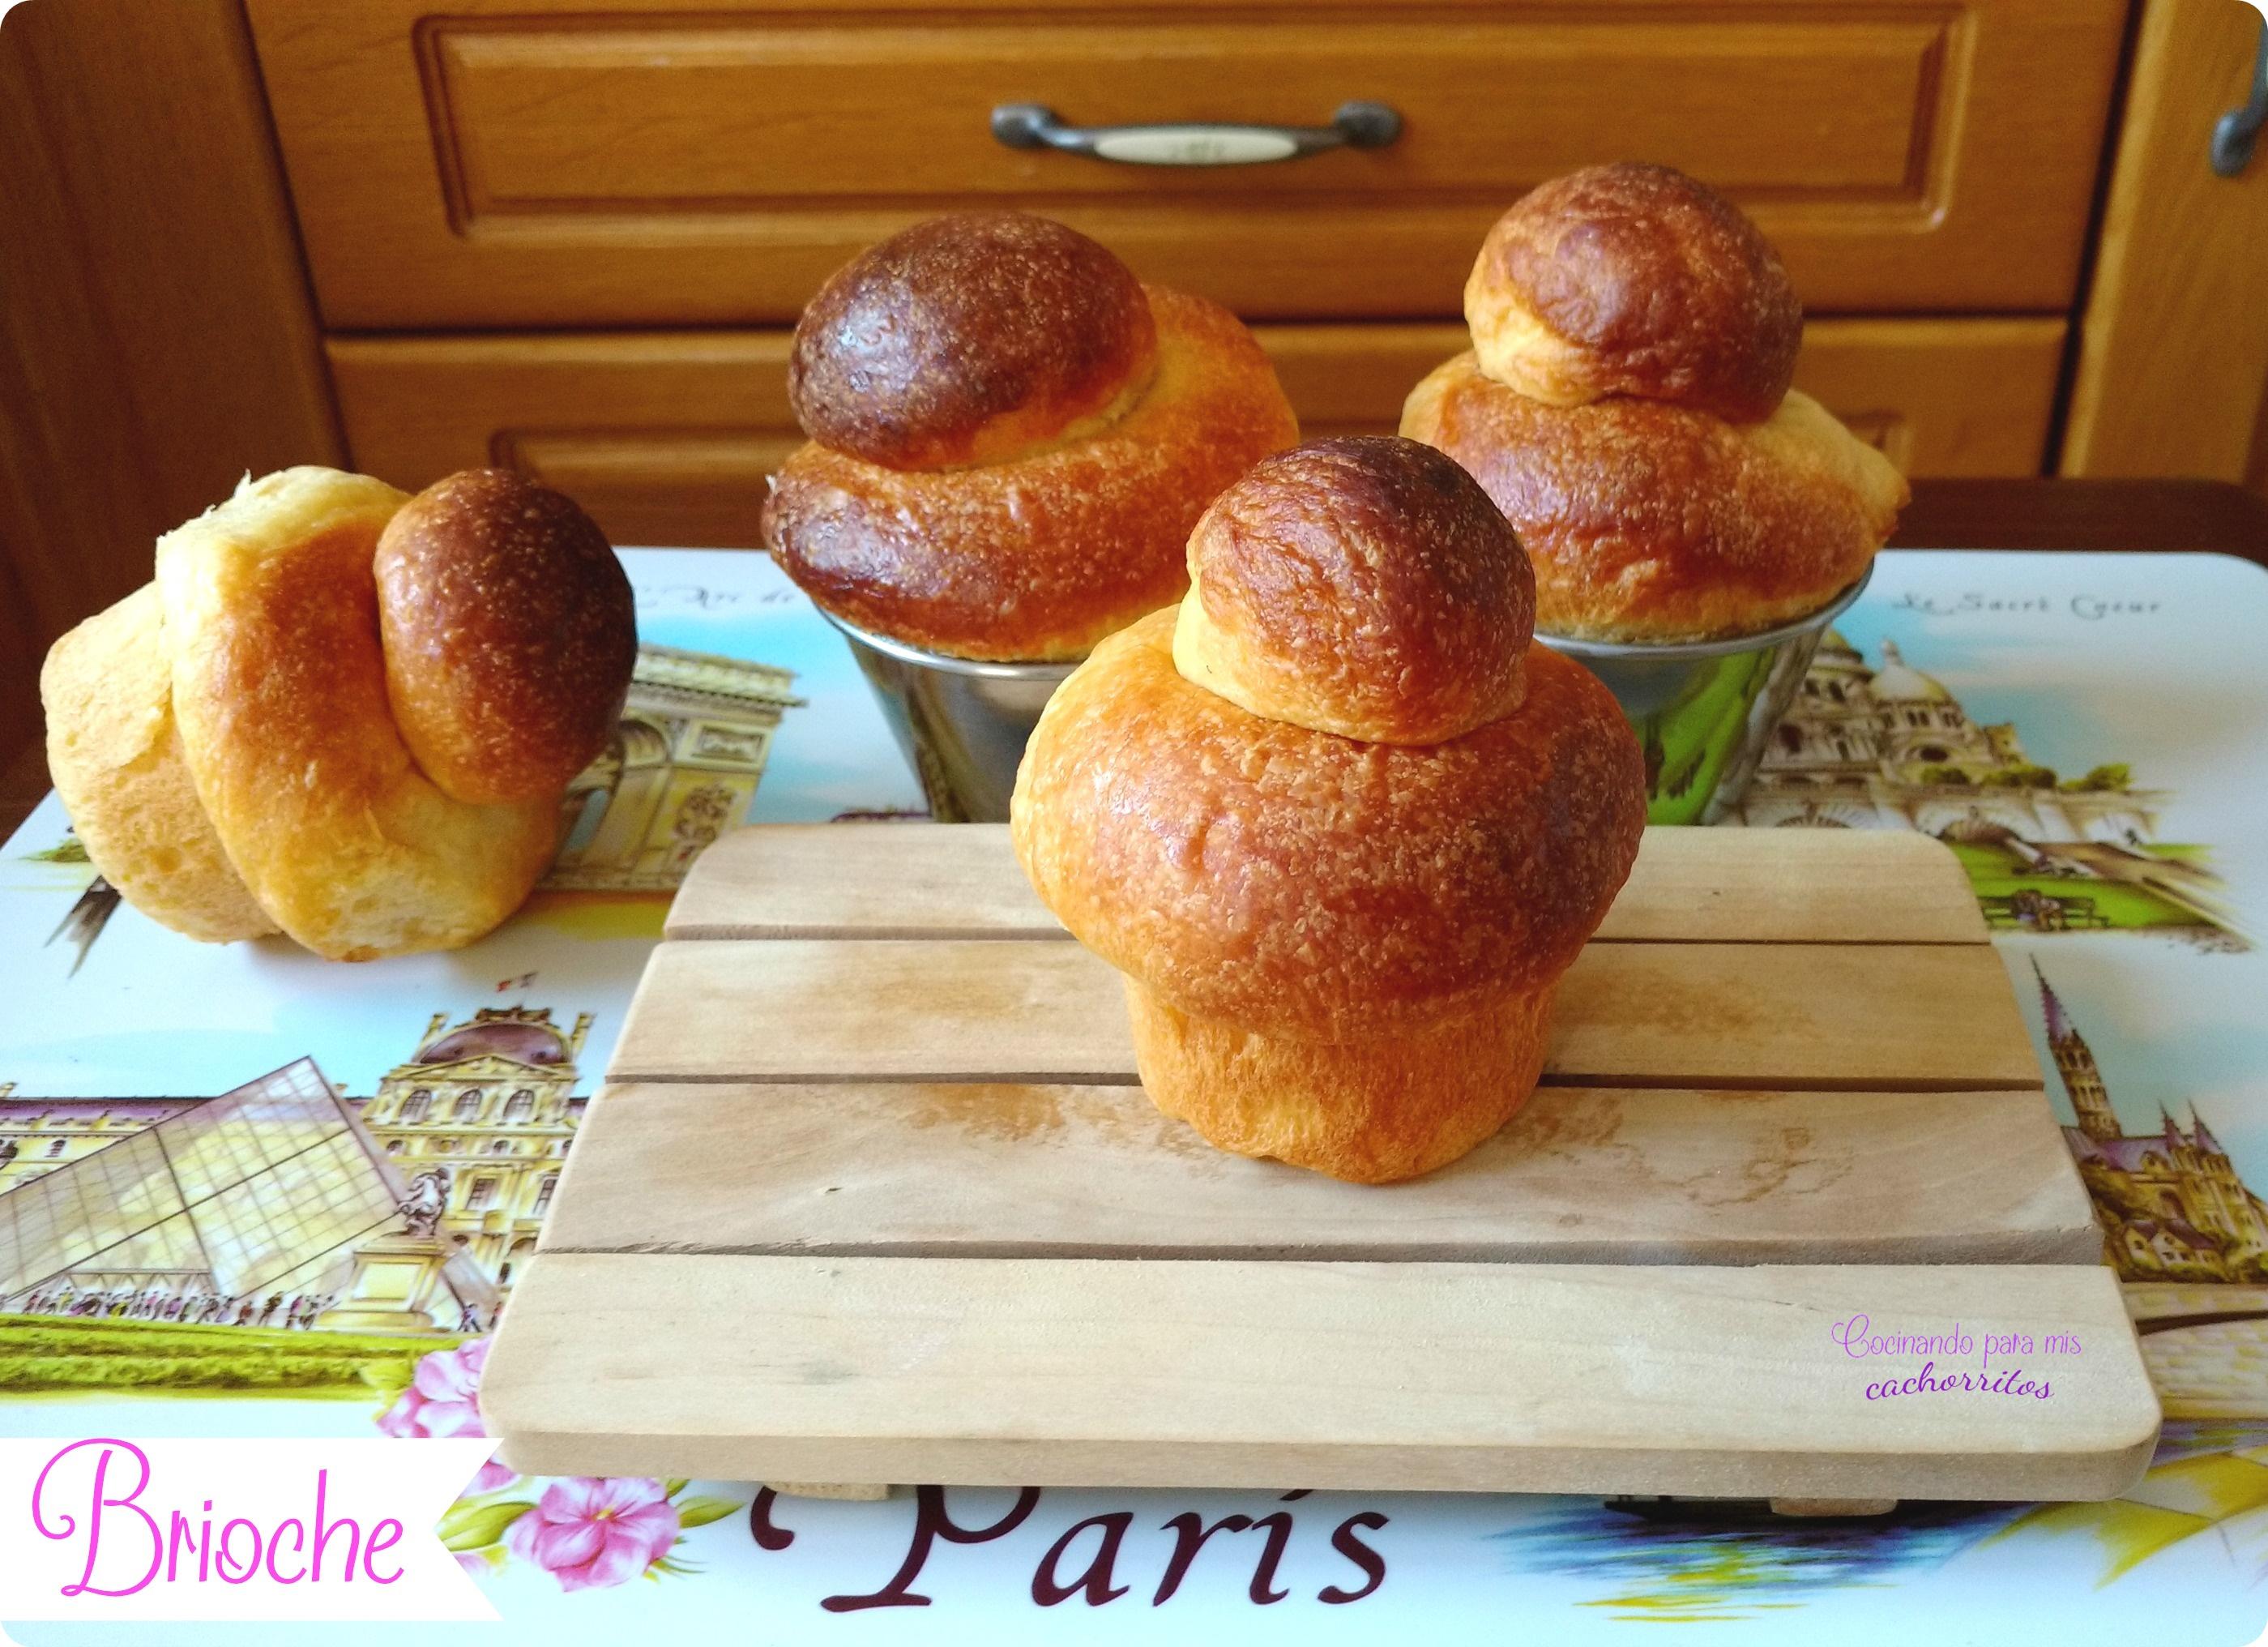 Brioche franc s comidas del mundo receta de brioche for Gastronomia de paris francia